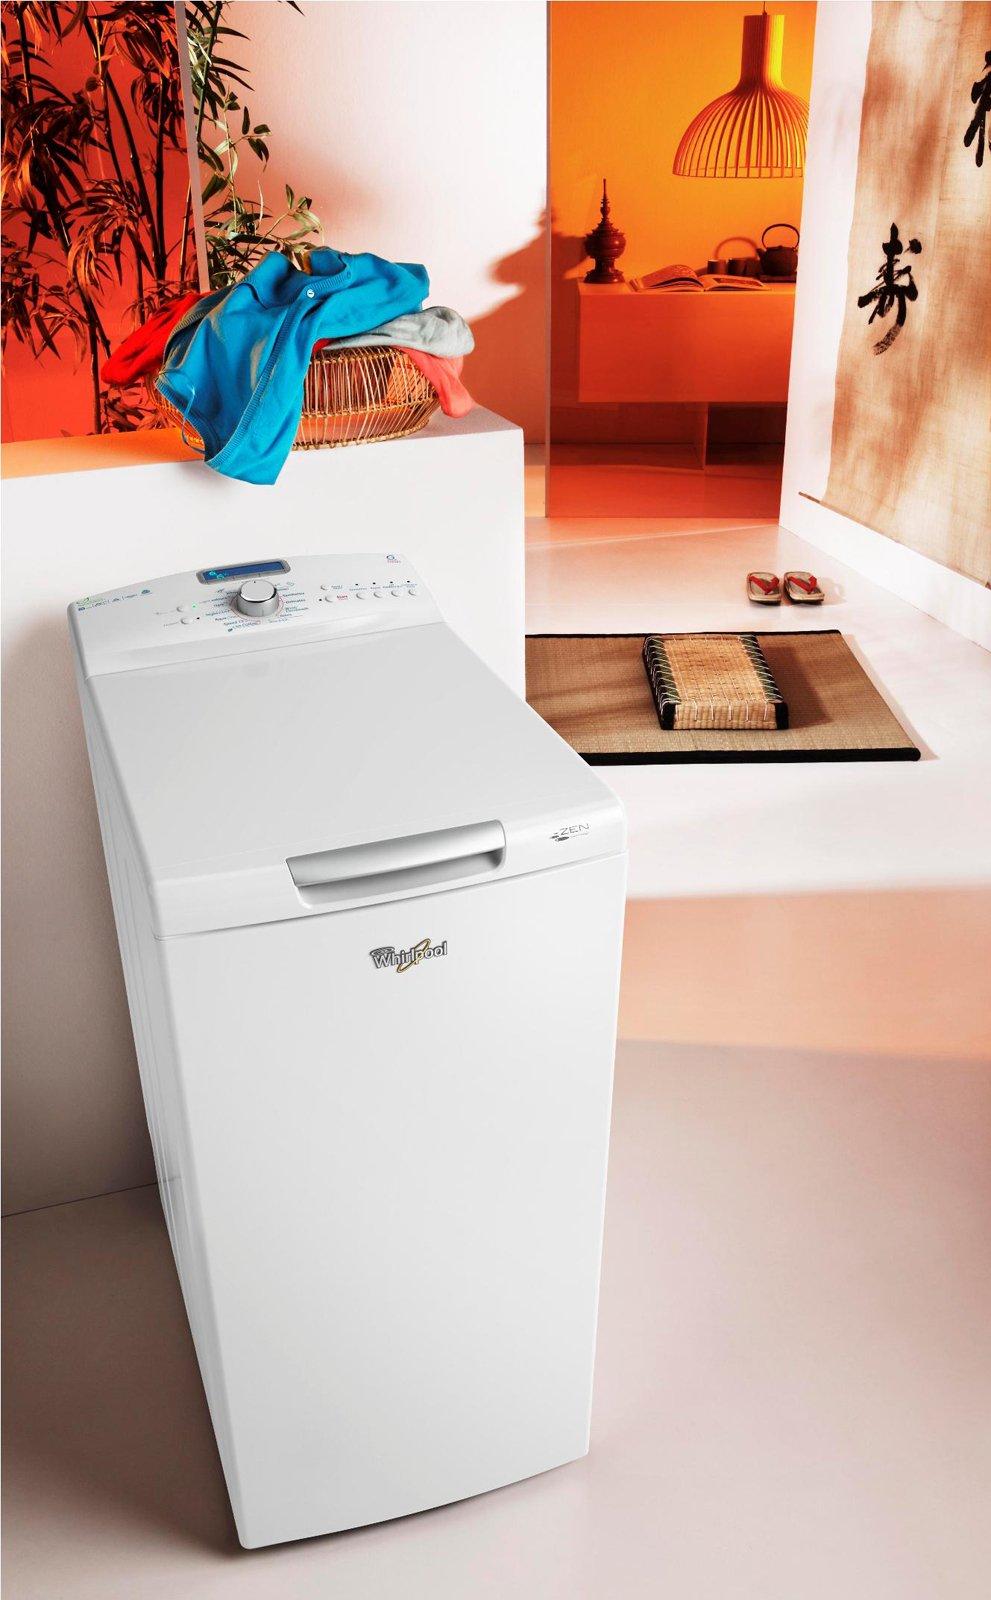 Lavatrici il modello giusto per ogni esigenza cose di casa for Lavatrice con carica dall alto